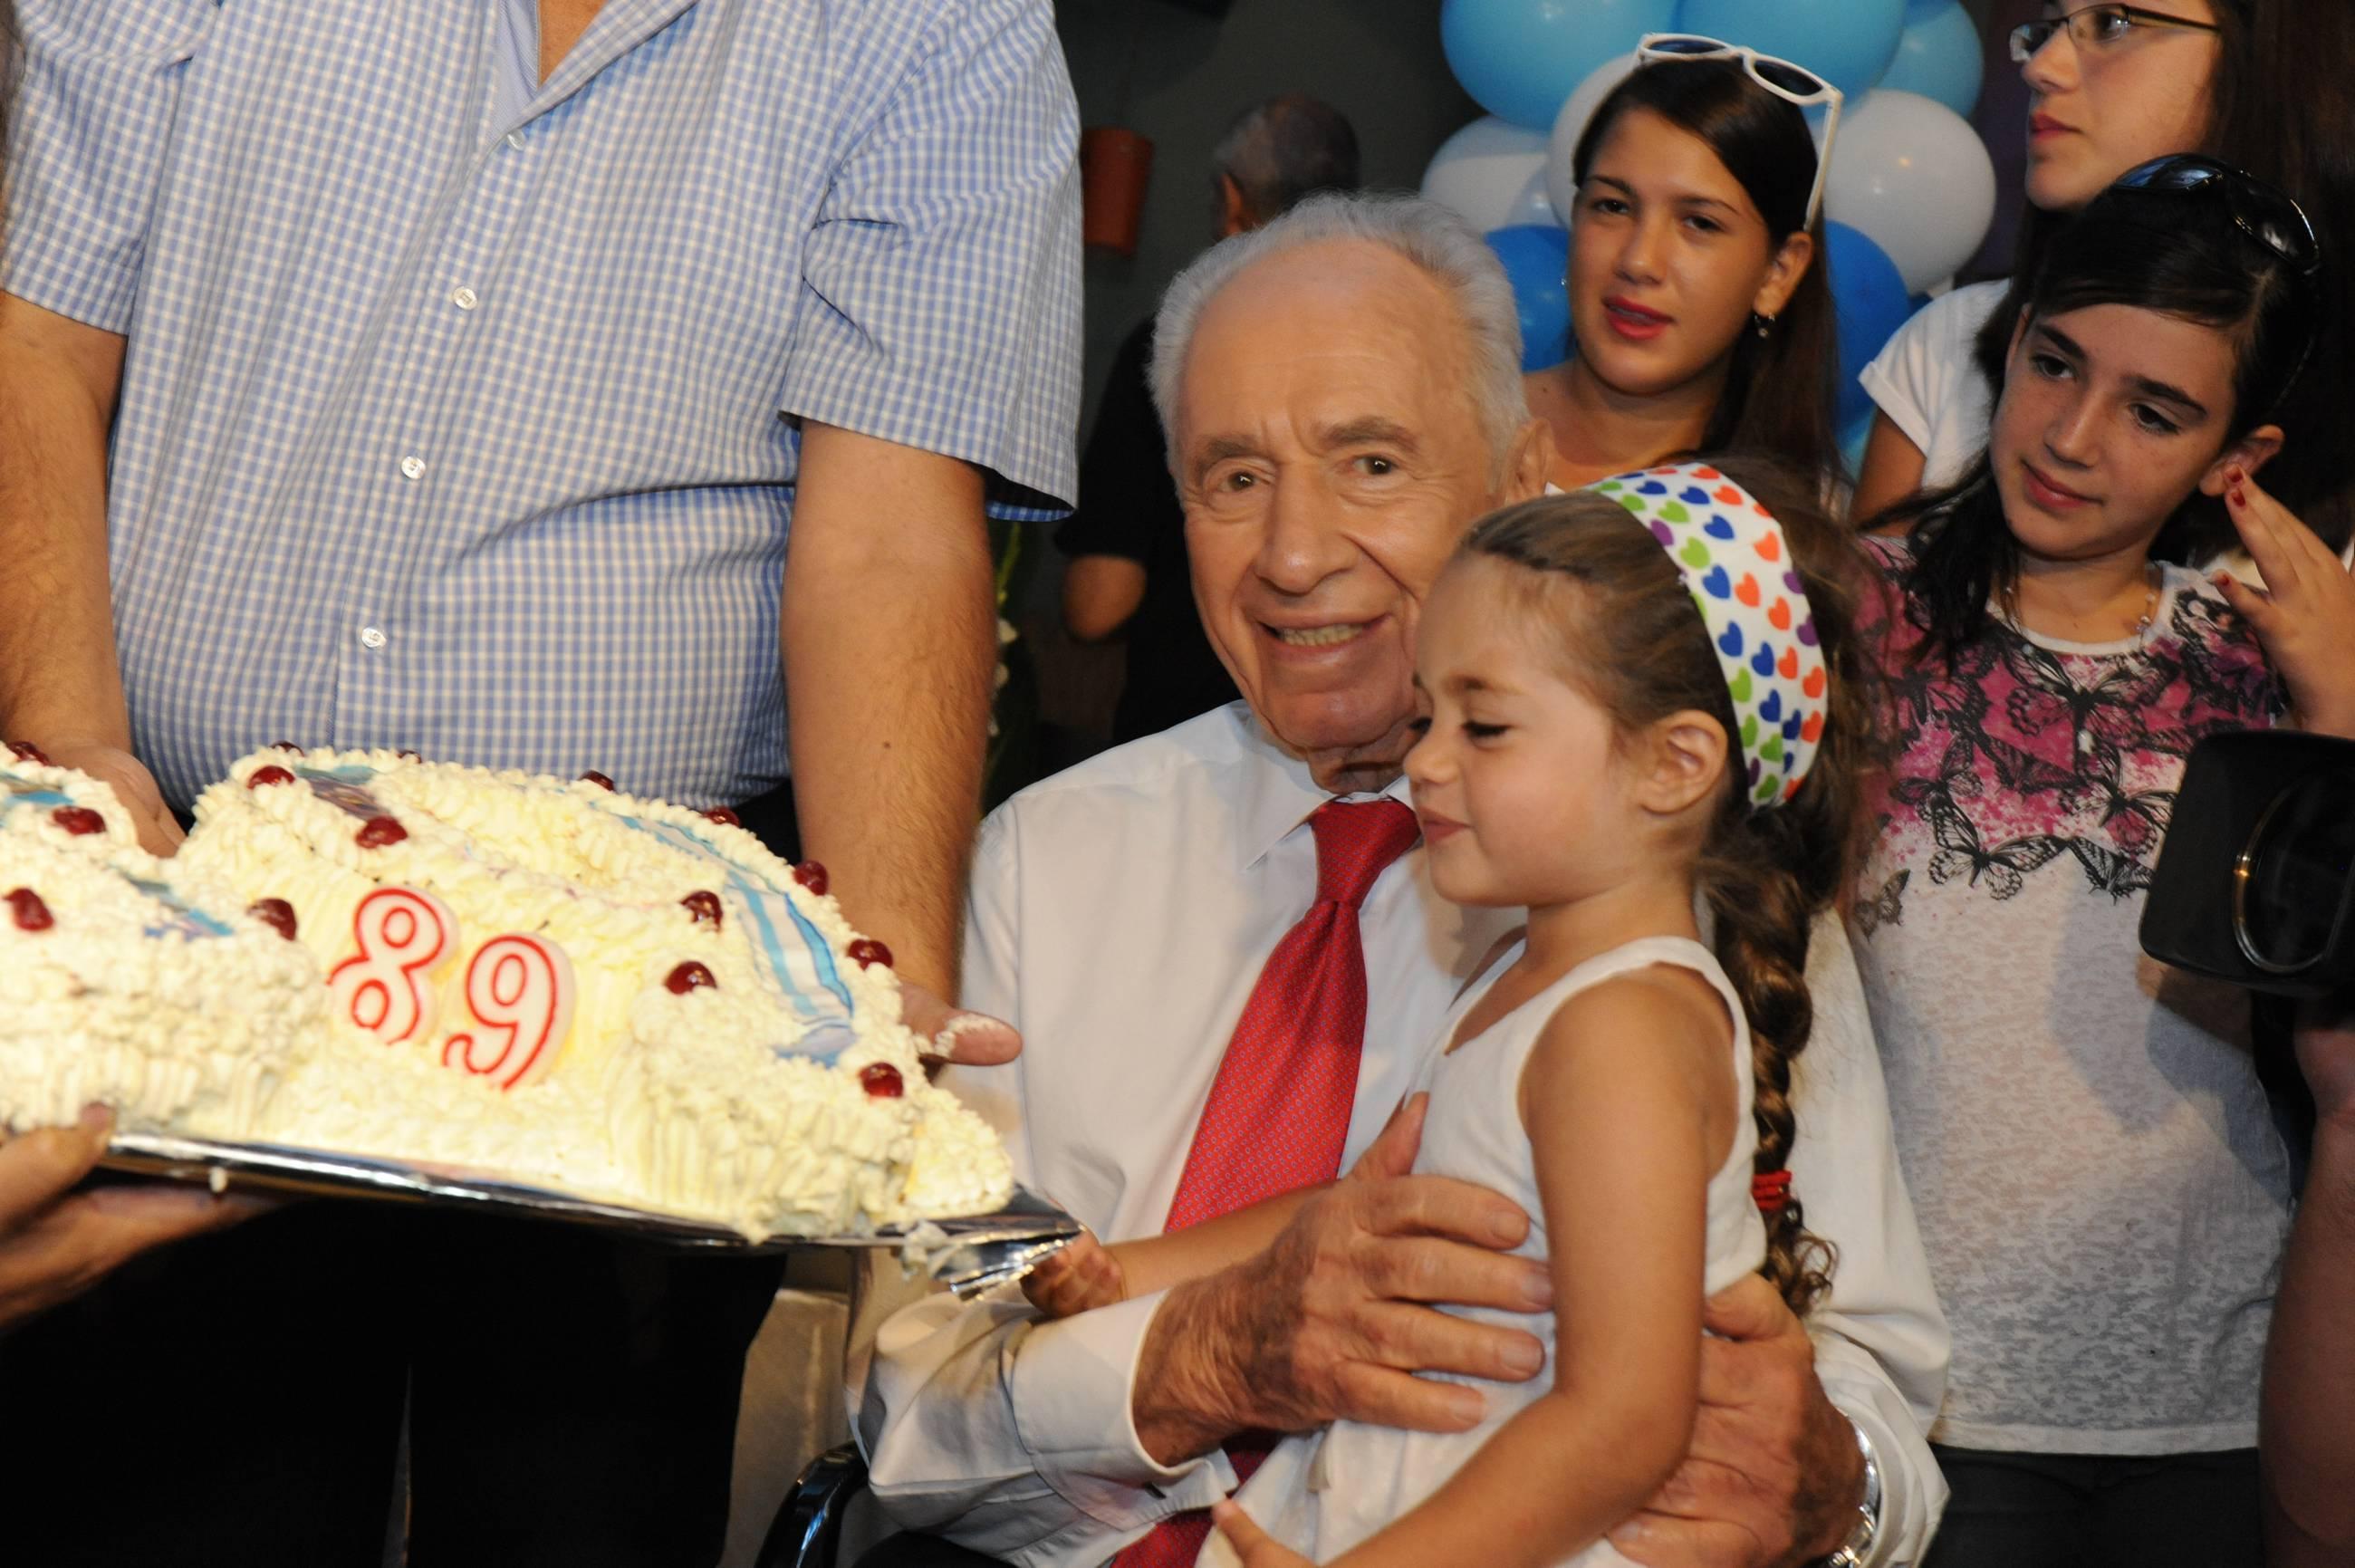 עוד מעט 90 - הנשיא פרס חוגג יומולדת עם תושבי ירוחם